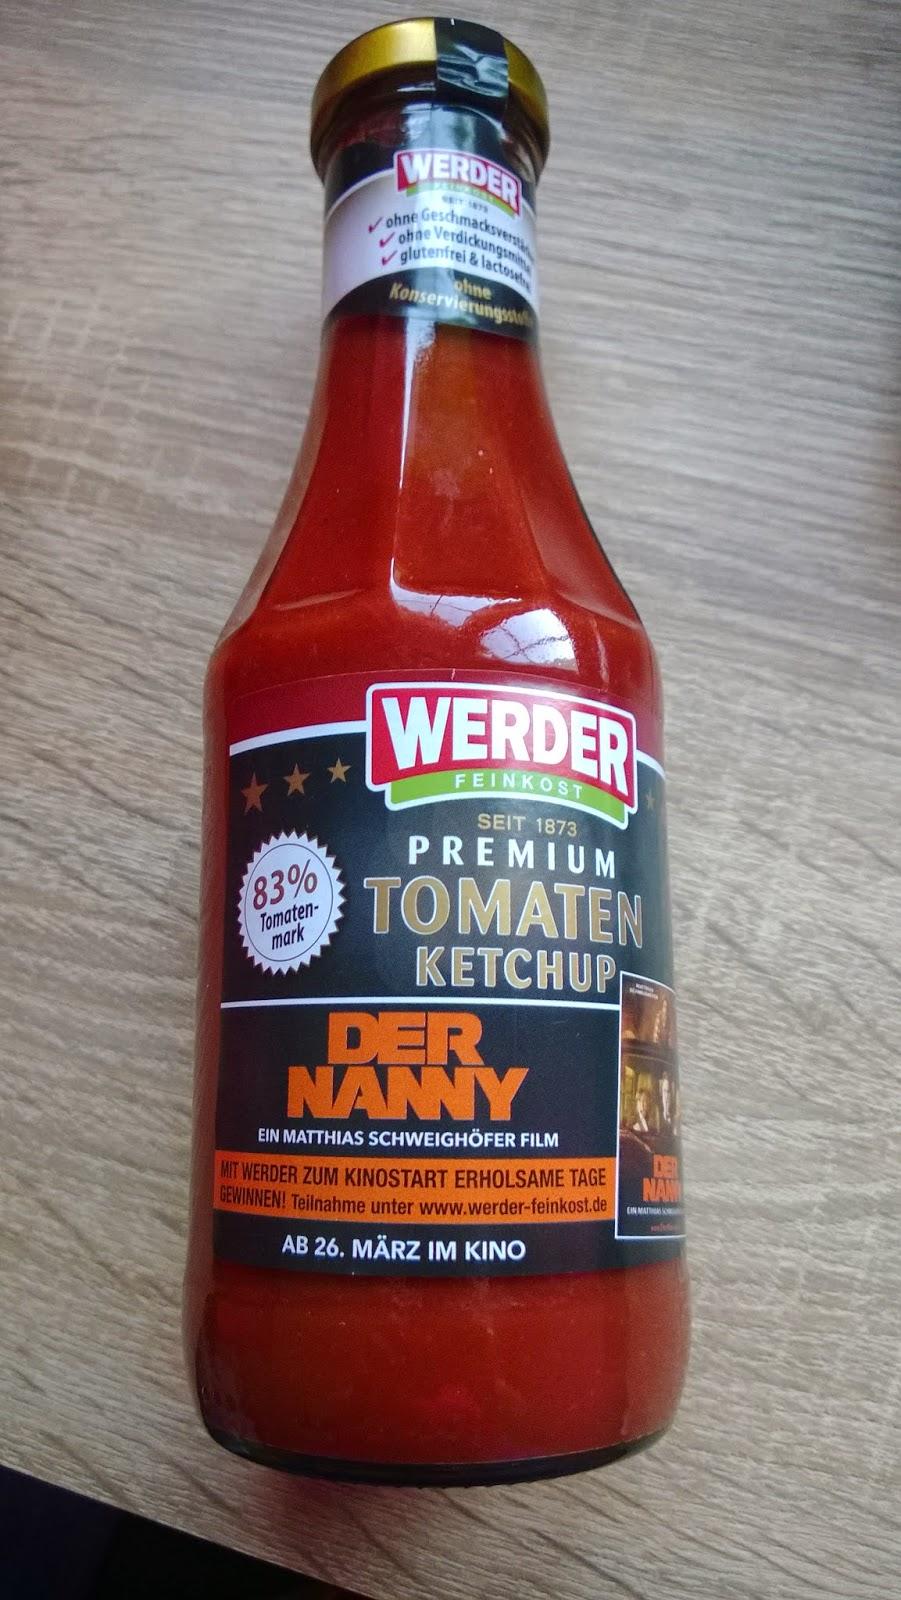 Premium Tomaten Ketchup.